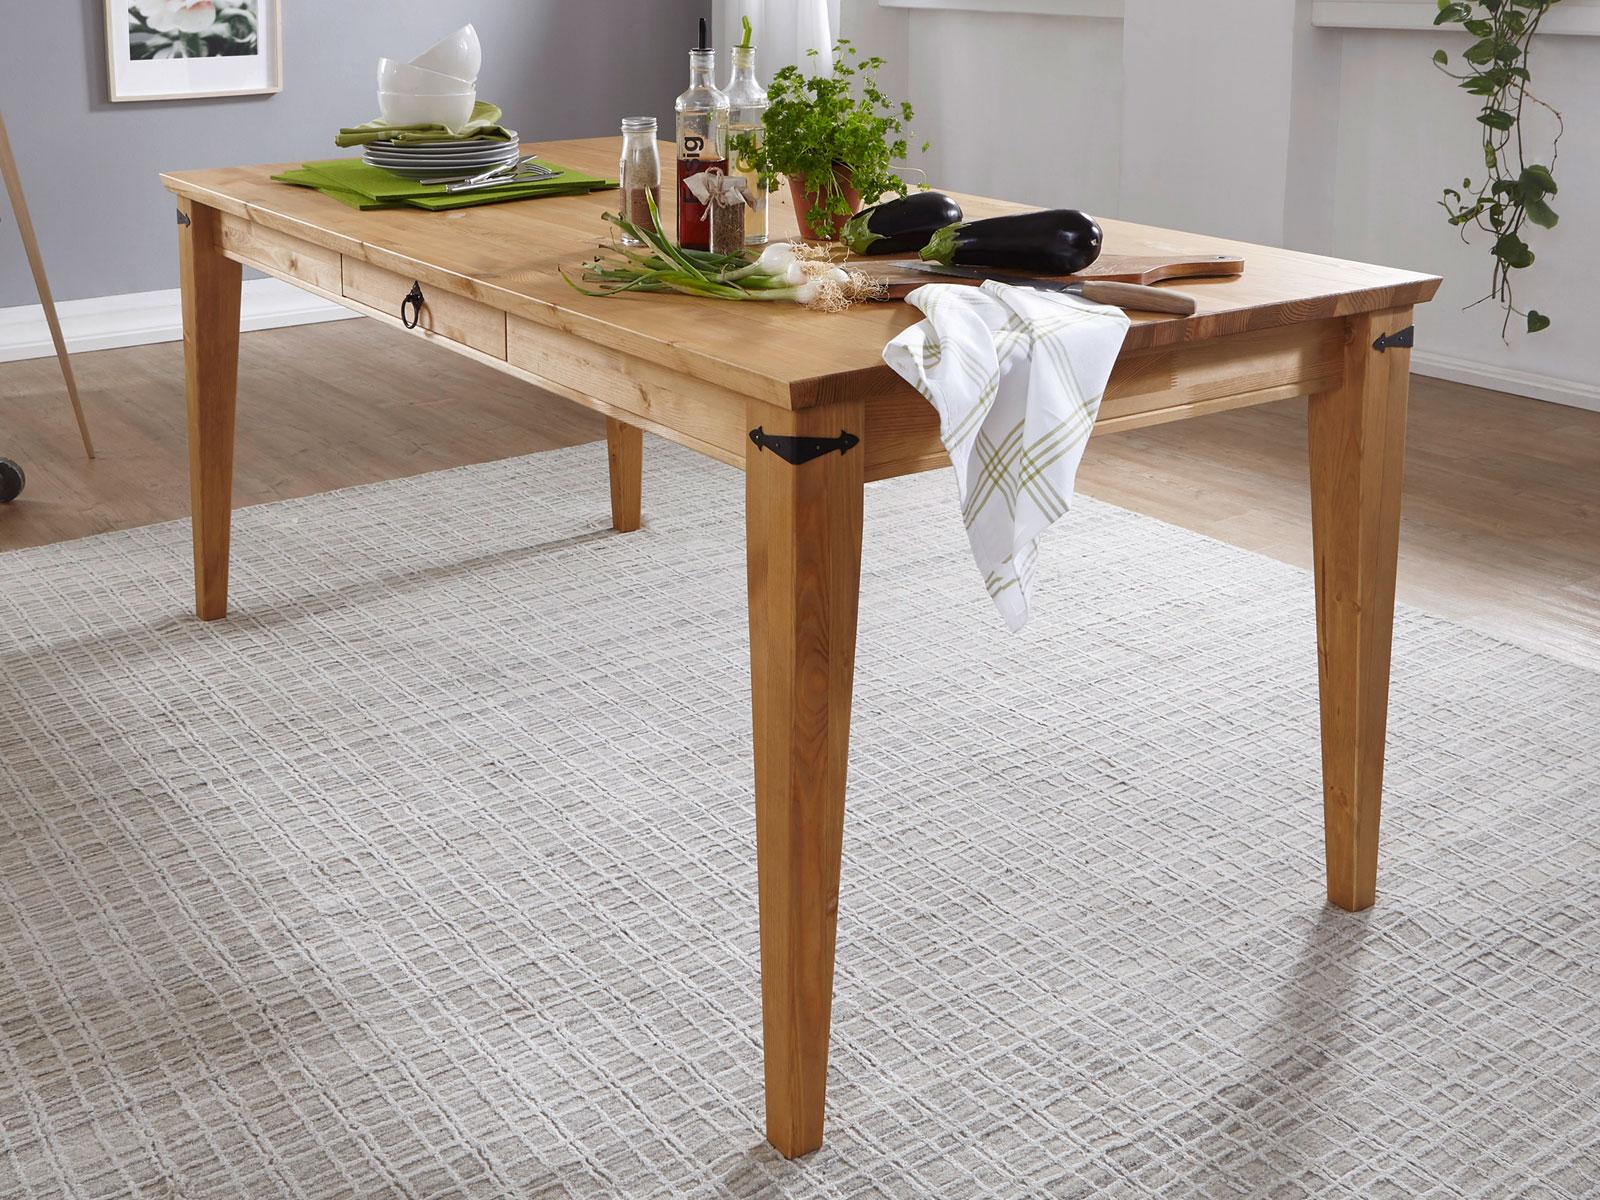 Esstisch modern rund  Esstische & Küchentische Möbel & Wohnen runder Tisch rund Esstisch ...